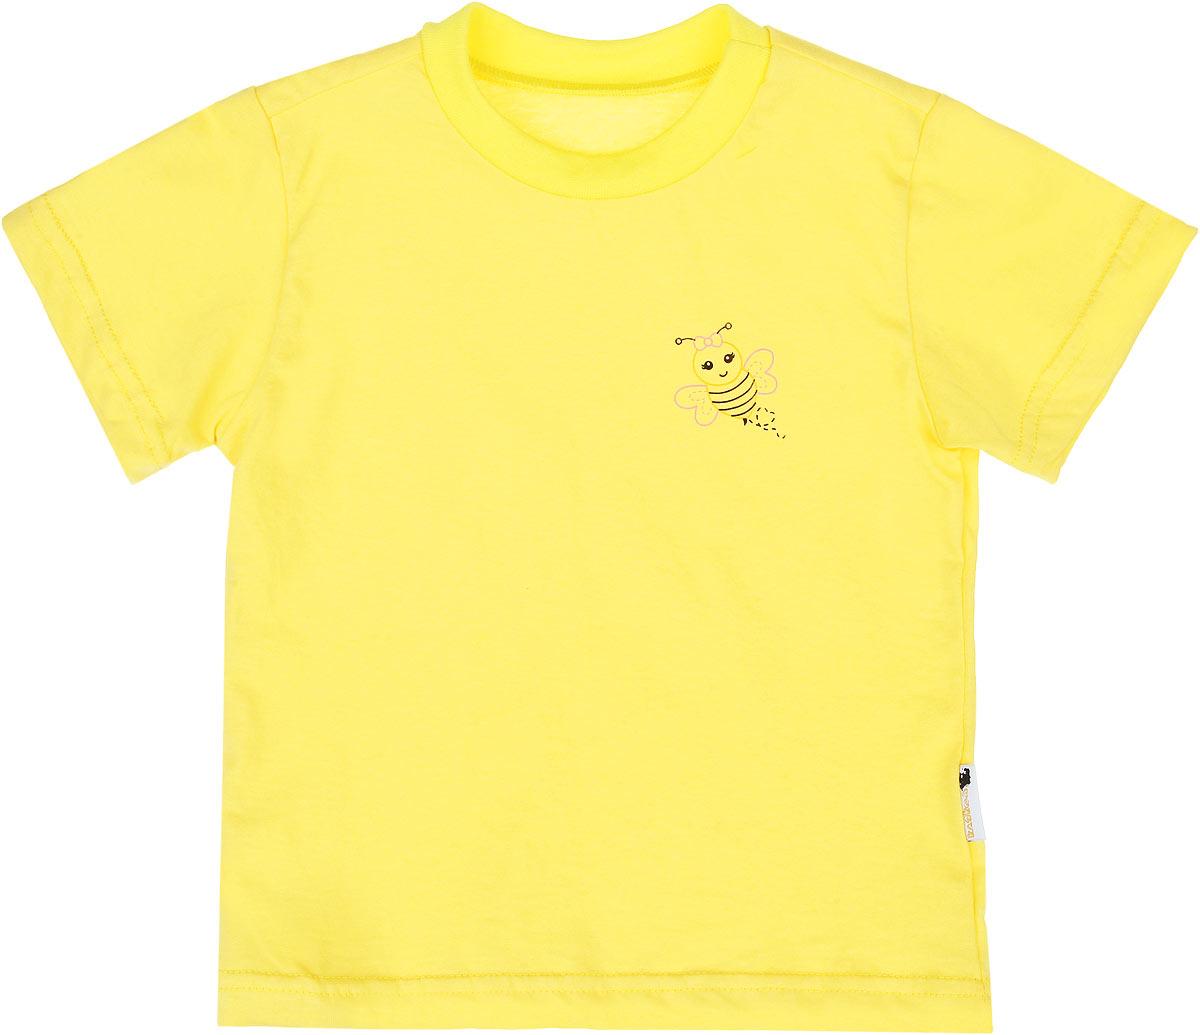 Футболка10-718Детская футболка Клякса идеально подойдет вашему ребенку. Изготовленная из натурального хлопка, она необычайно мягкая и приятная на ощупь, не сковывает движения ребенка и позволяет коже дышать, не раздражает даже самую нежную и чувствительную кожу, обеспечивая наибольший комфорт. Футболка с круглым вырезом горловины и короткими рукавами оформлена на груди небольшим принтом с изображением пчелки. Вырез горловины дополнен эластичной трикотажной резинкой.